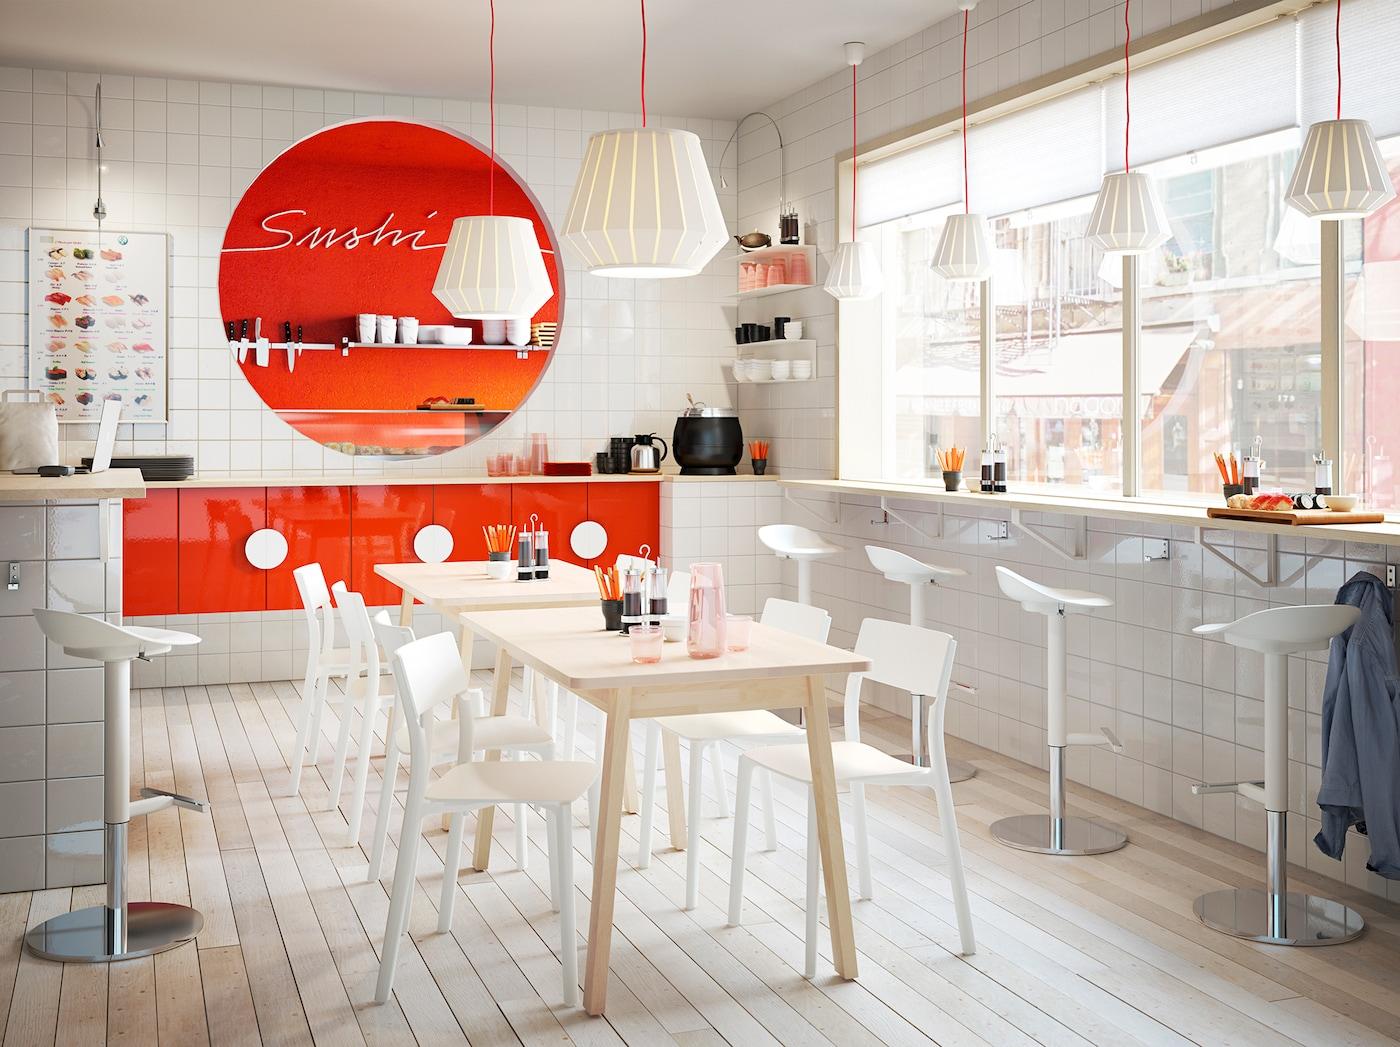 Ein Sushi-Restaurant in Weiß & Orange mit vielen Sitzmöglichkeiten, Lampen & Küchenutensilien.